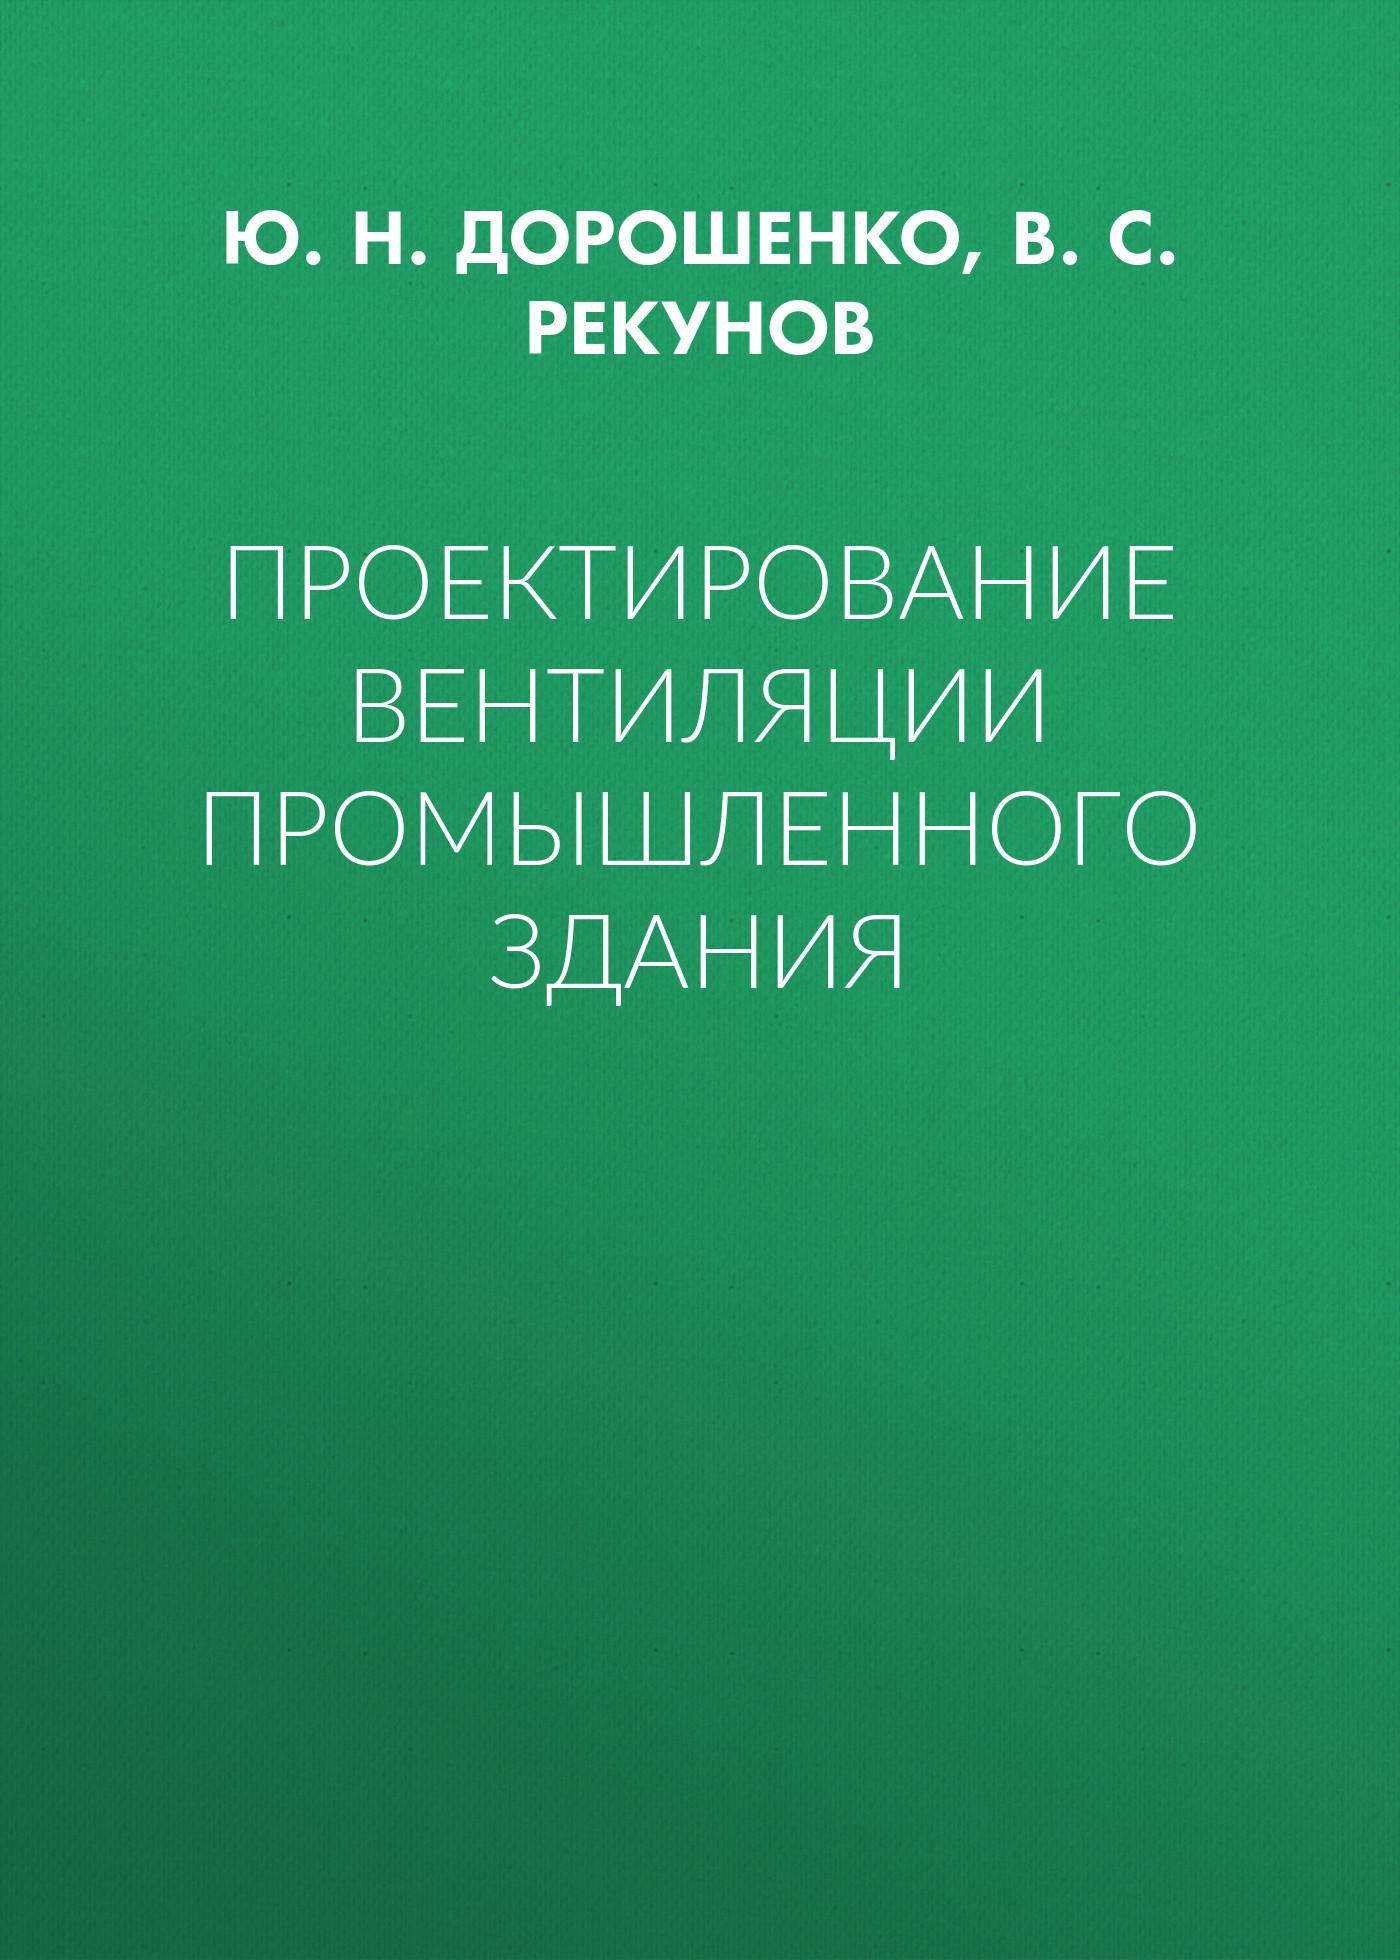 где купить Ю. Н. Дорошенко Проектирование вентиляции промышленного здания дешево